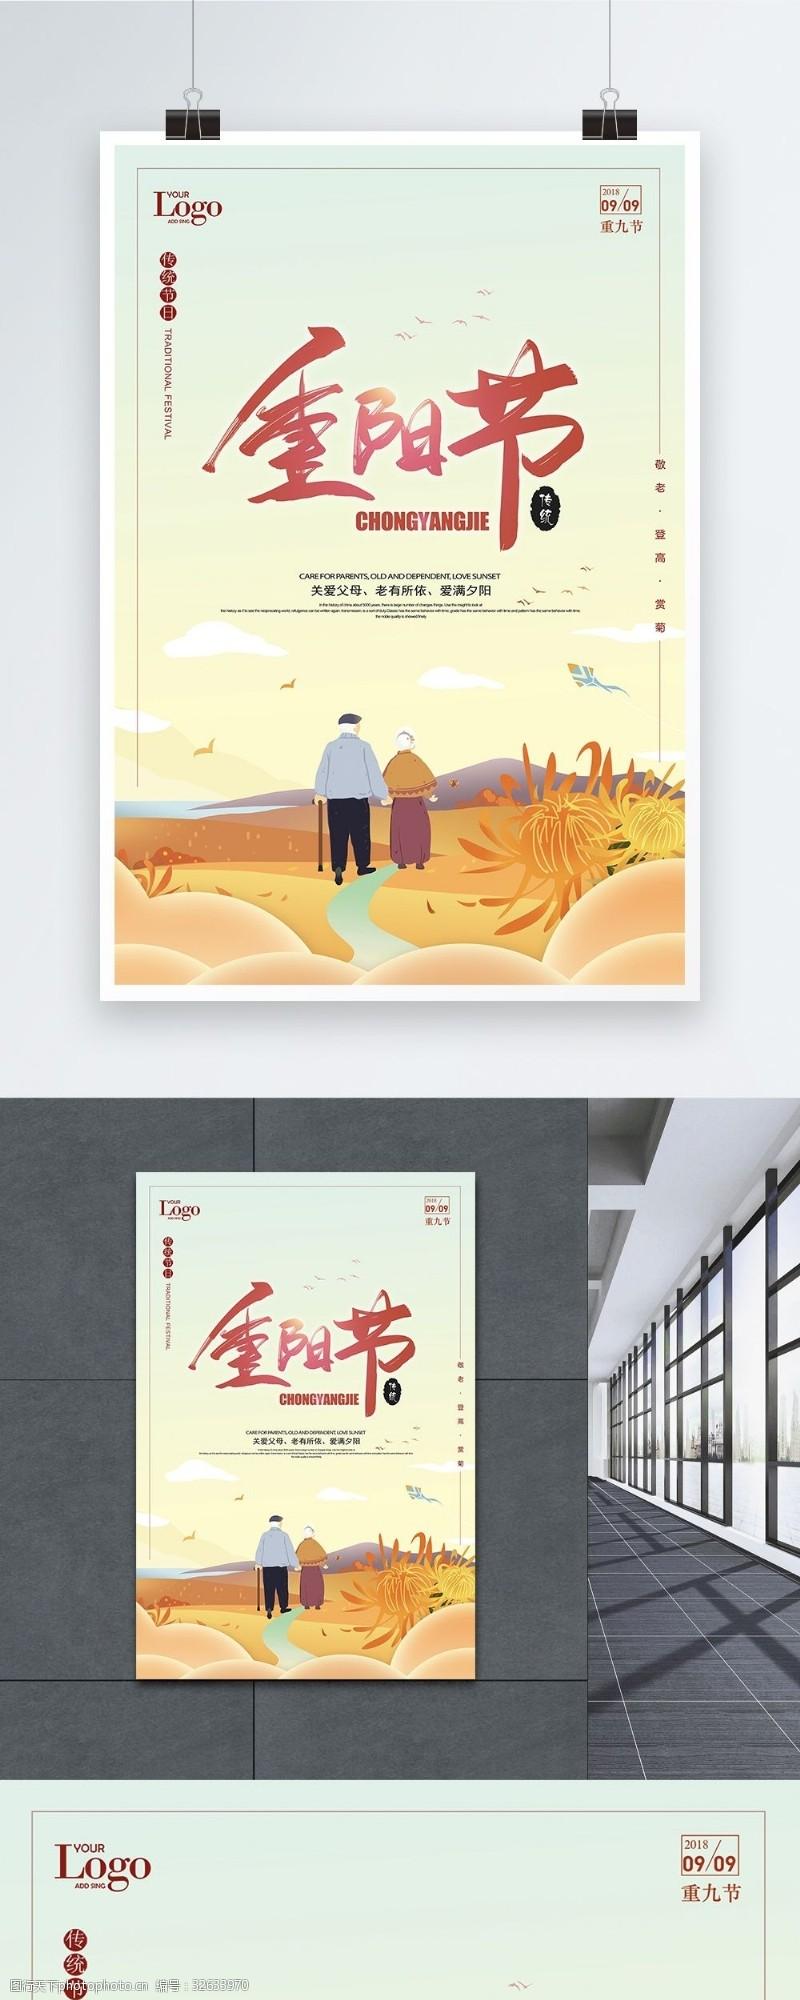 重九节重阳节节日海报